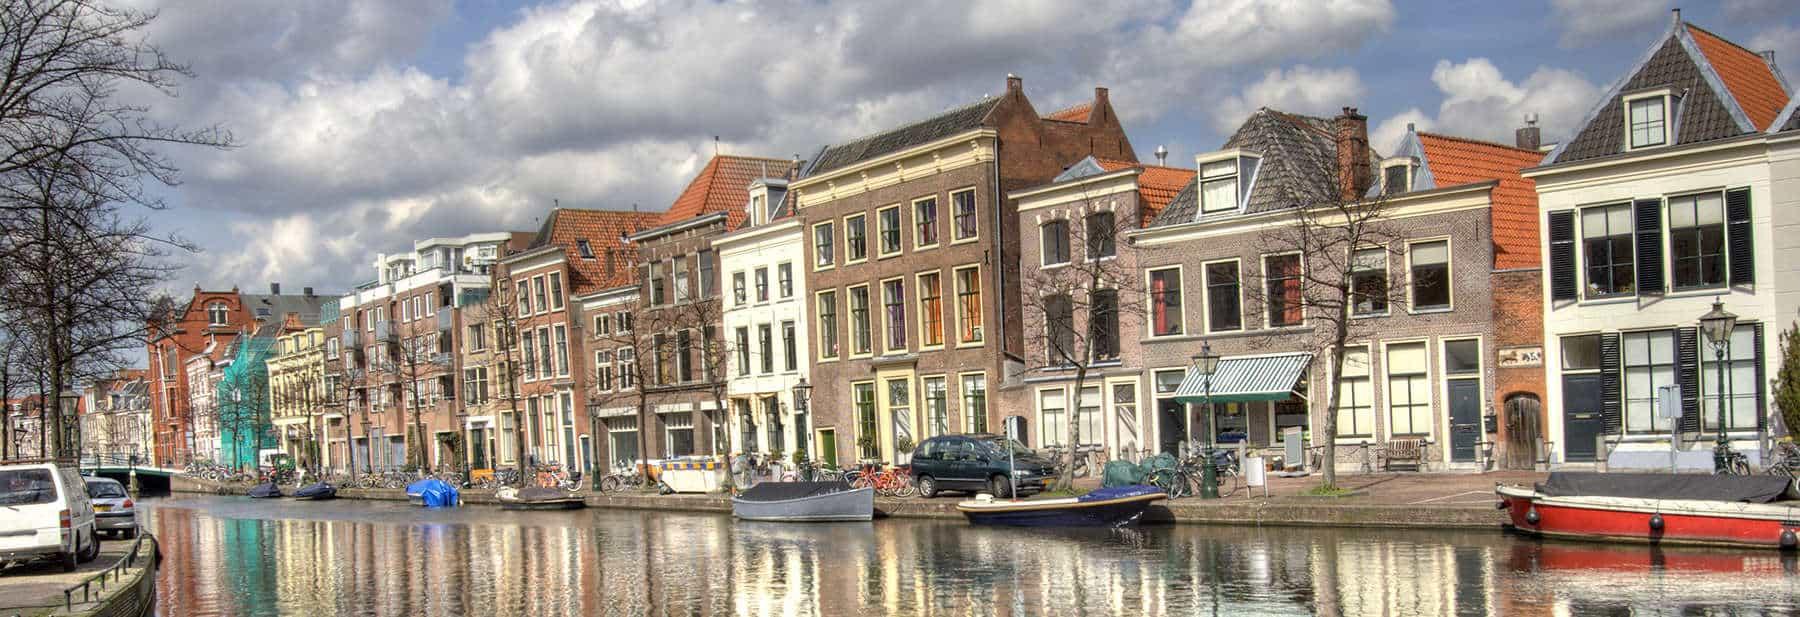 Leiden - Schuldhulpmaatje